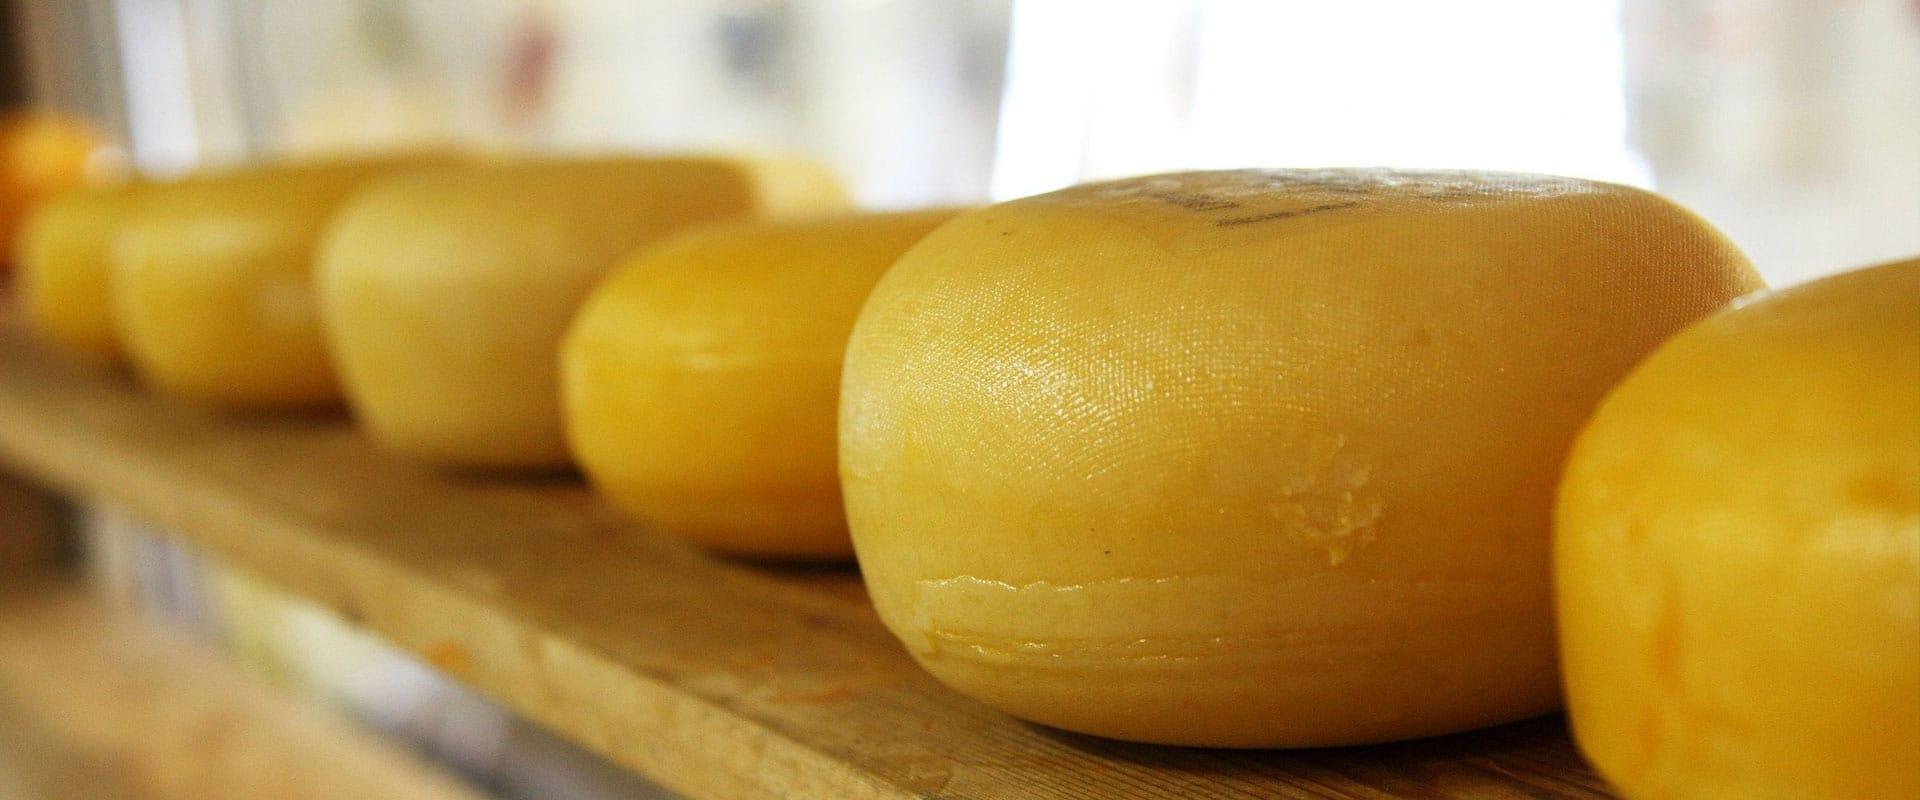 Kaas- en zuivelboerderij Van Winden